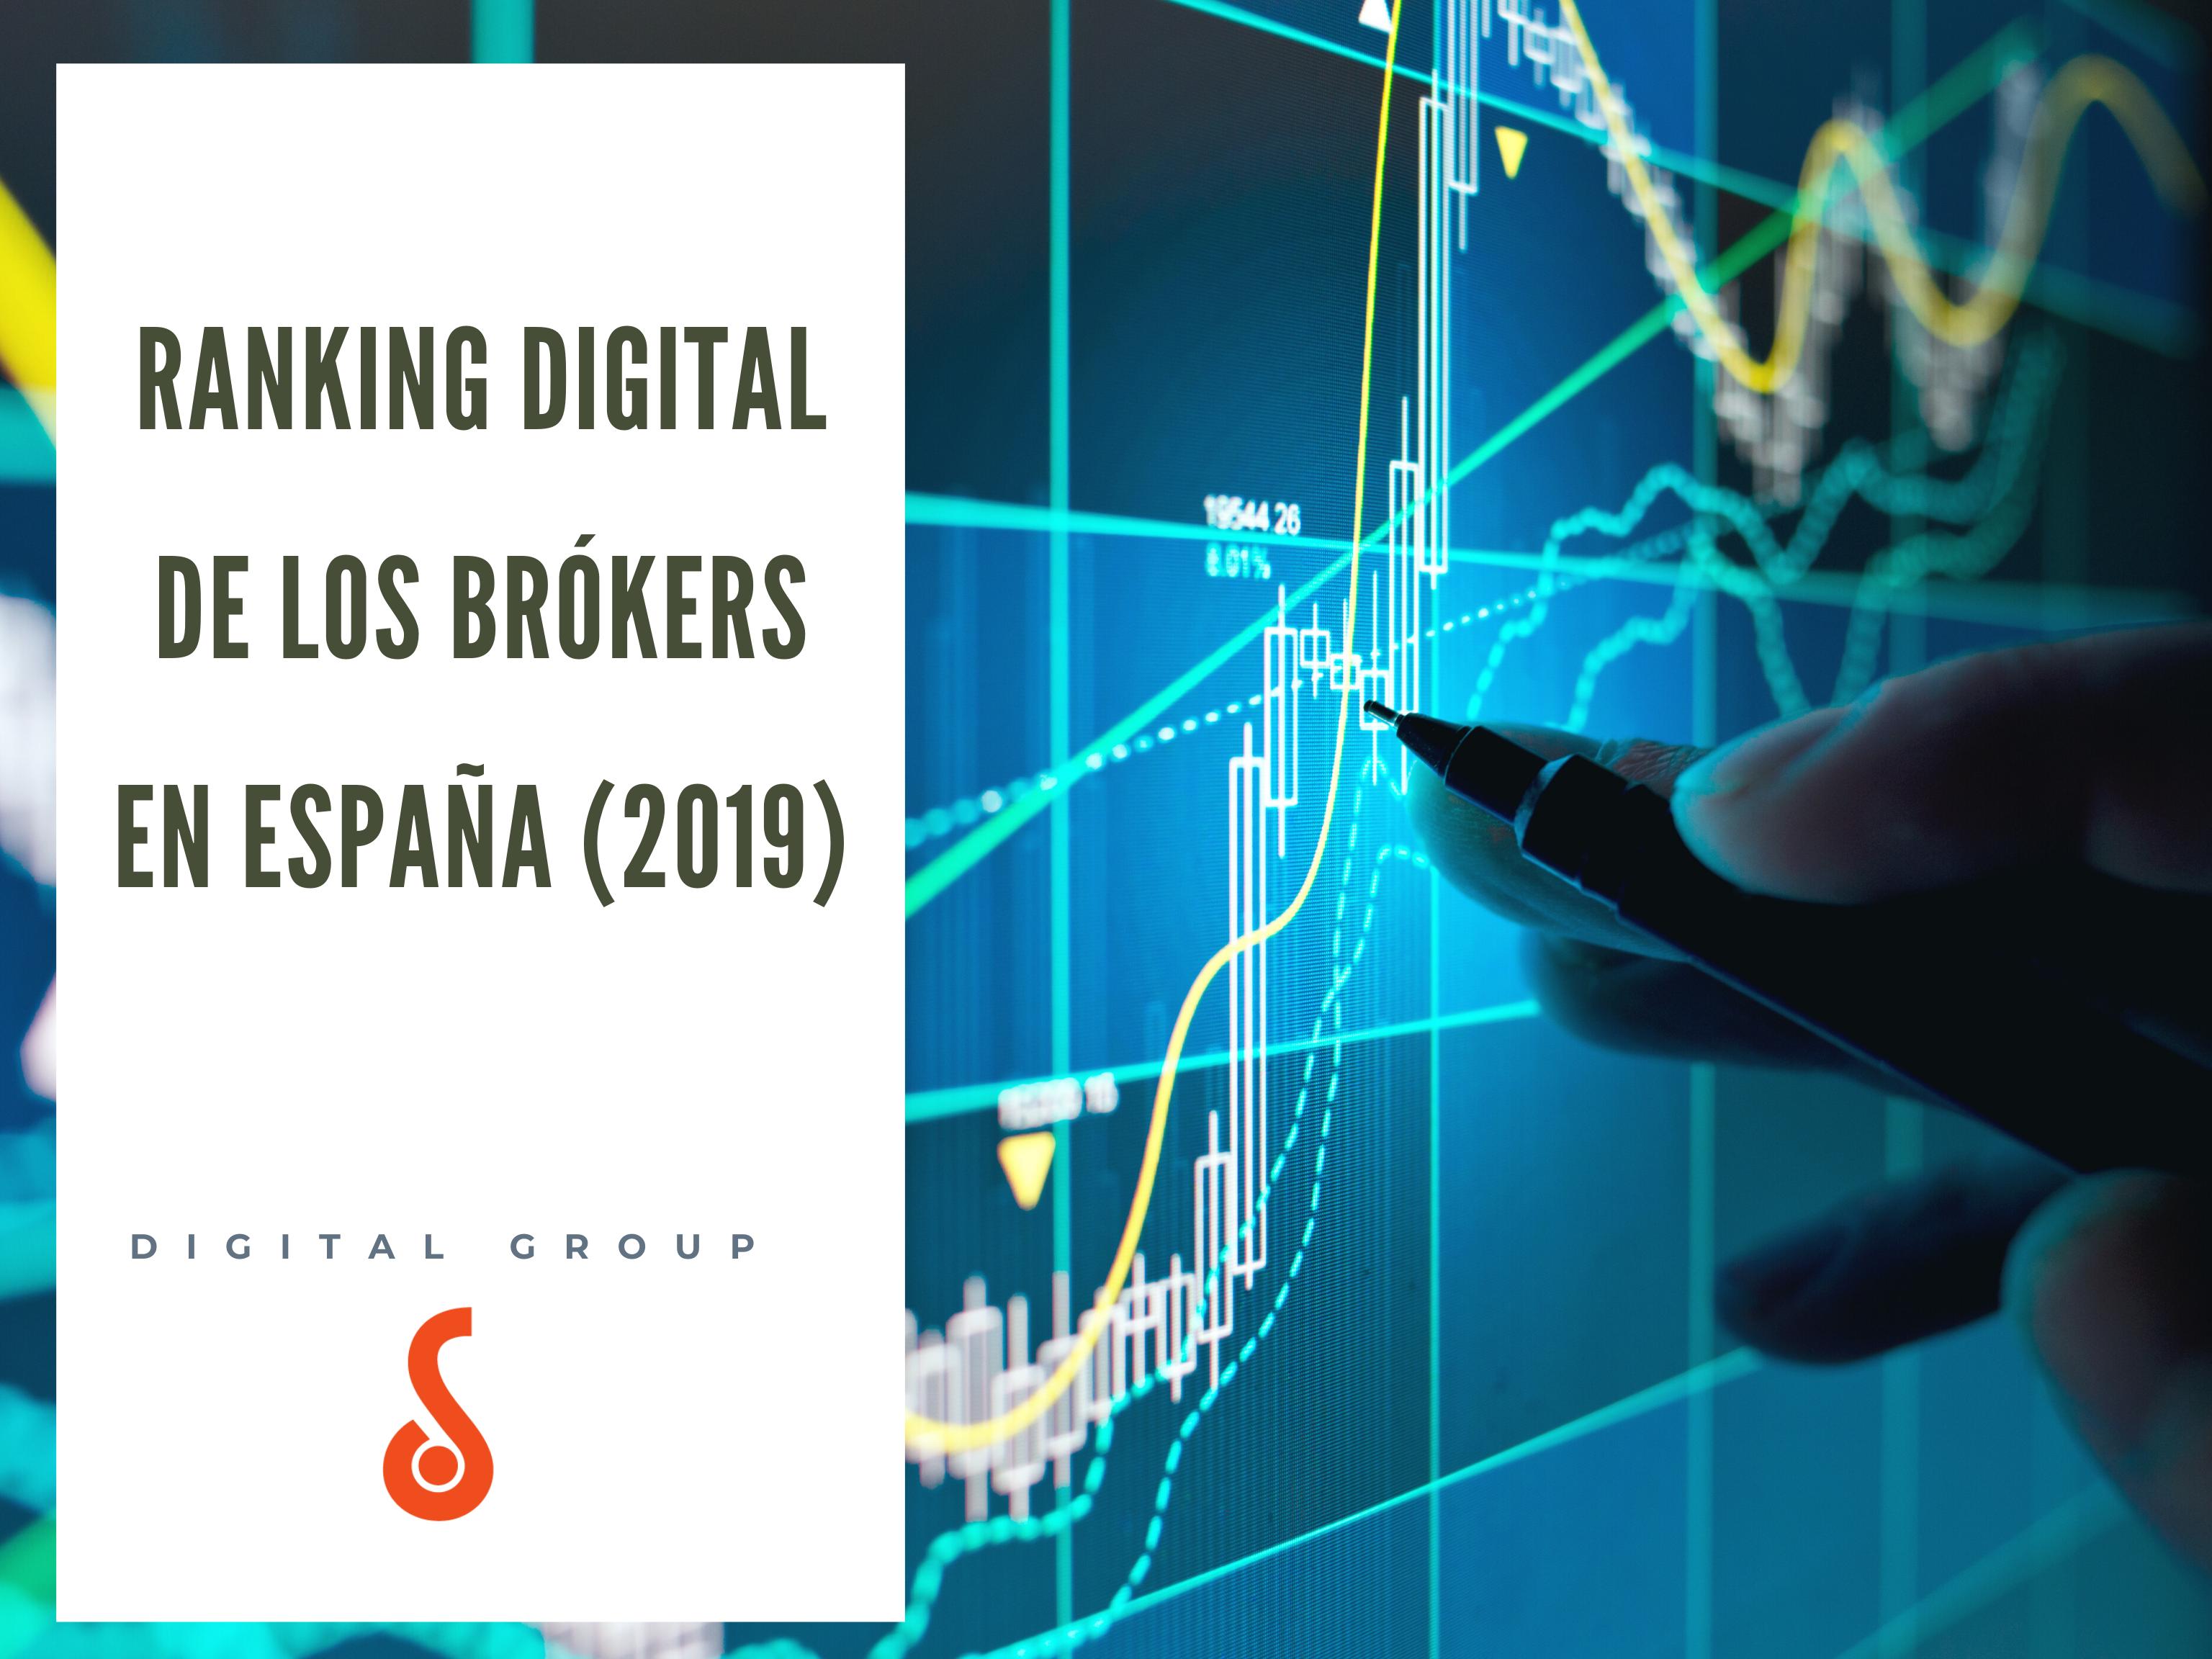 Ranking Digital de los Brókeres en España (2019) -  DigitalGroup.es